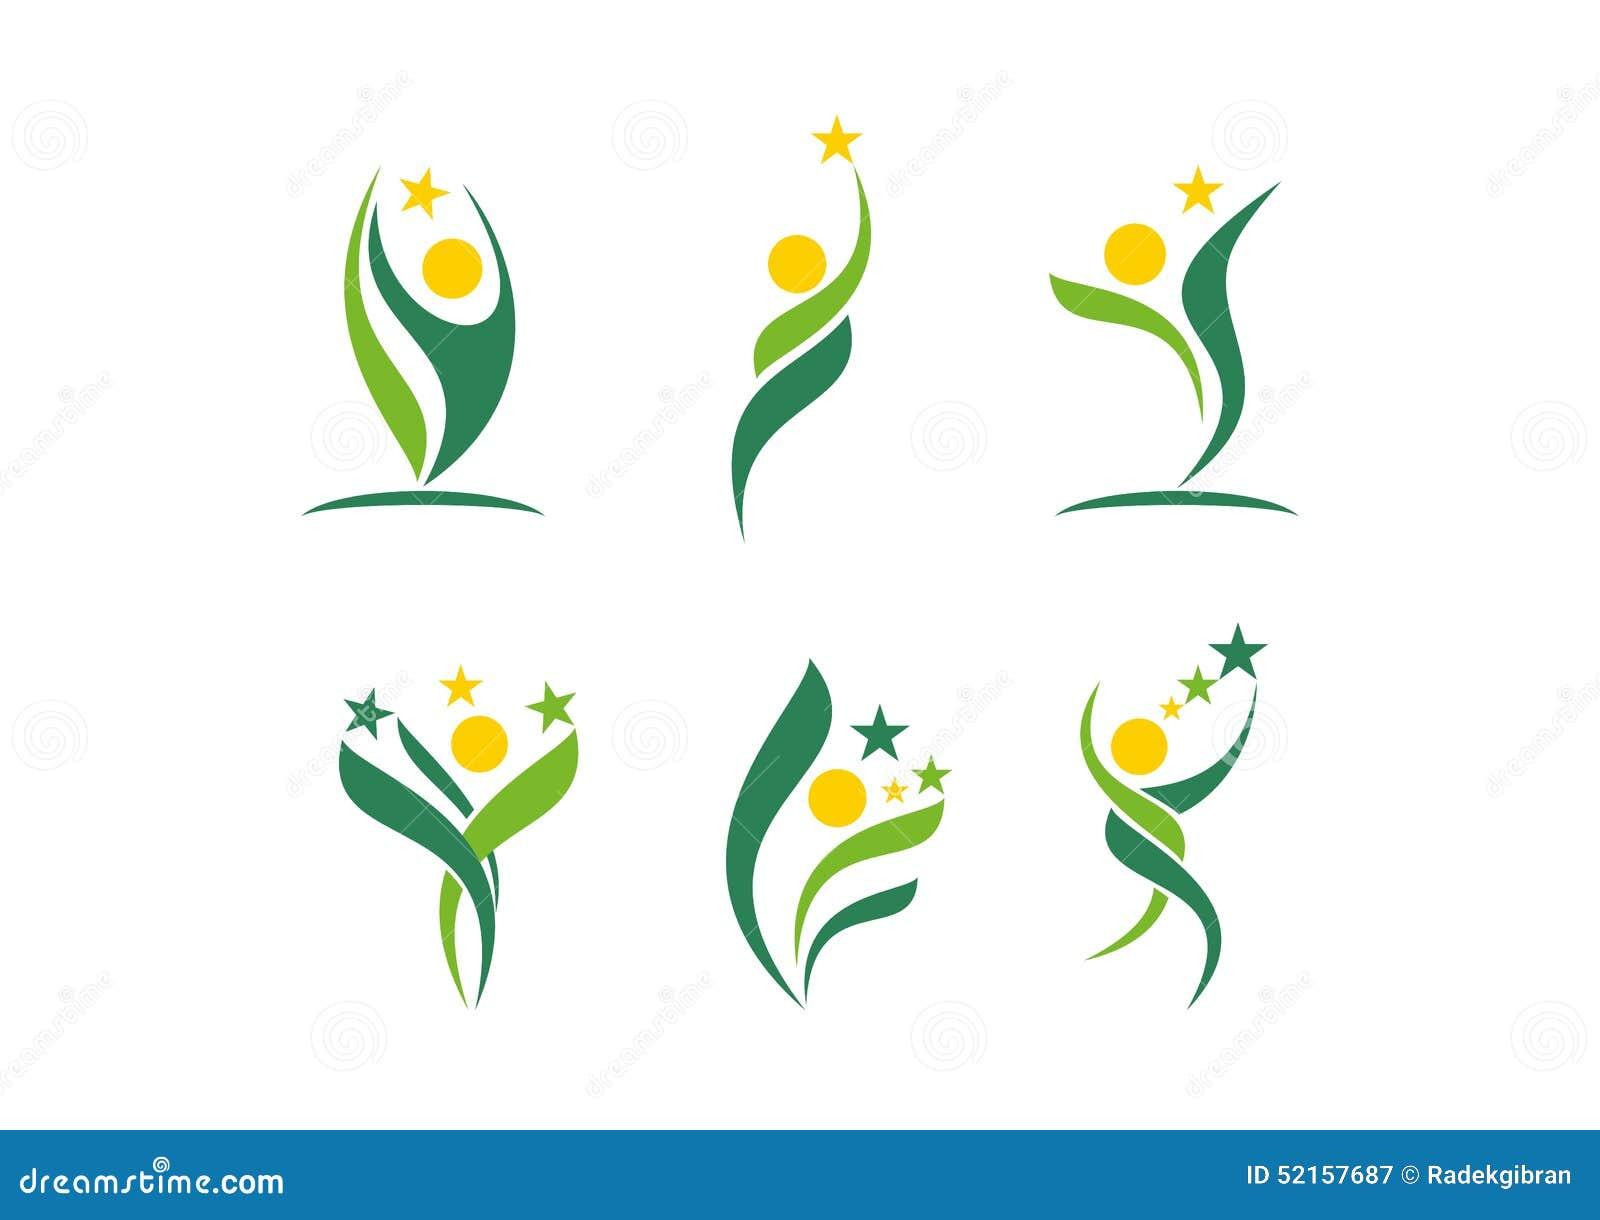 Φυτό, άνθρωποι, wellness, εορτασμός, φυσικός, αστέρι, λογότυπο, υγεία, ήλιος, φύλλο, βοτανική, οικολογία, καθορισμένο διάνυσμα σχ